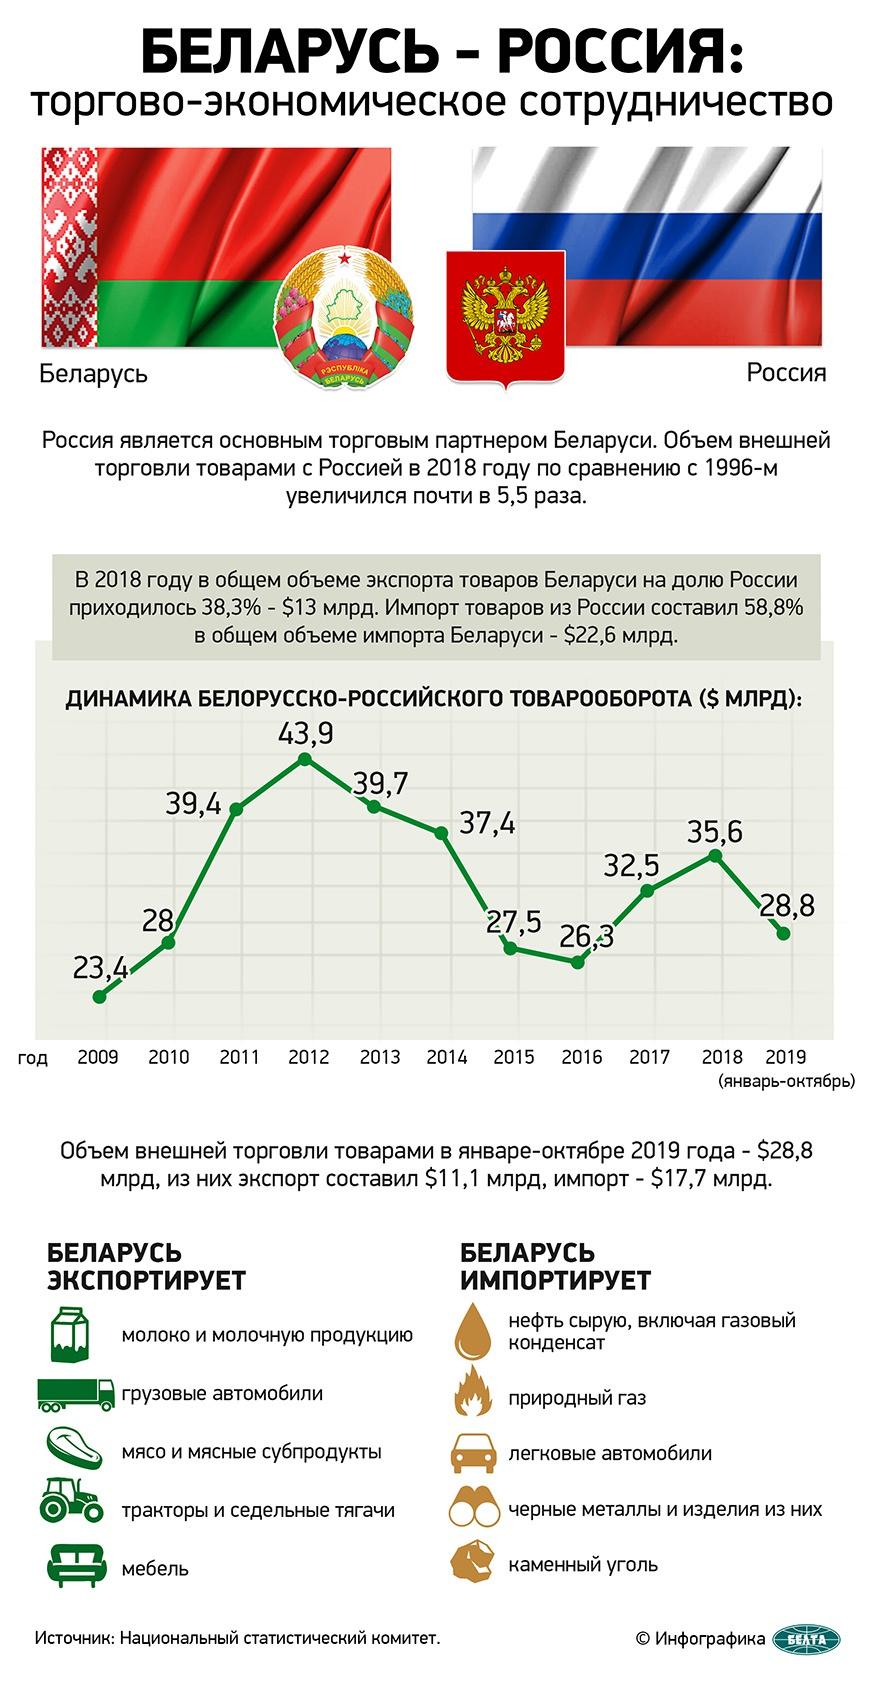 Динамика белорусско-российского товарооборота.